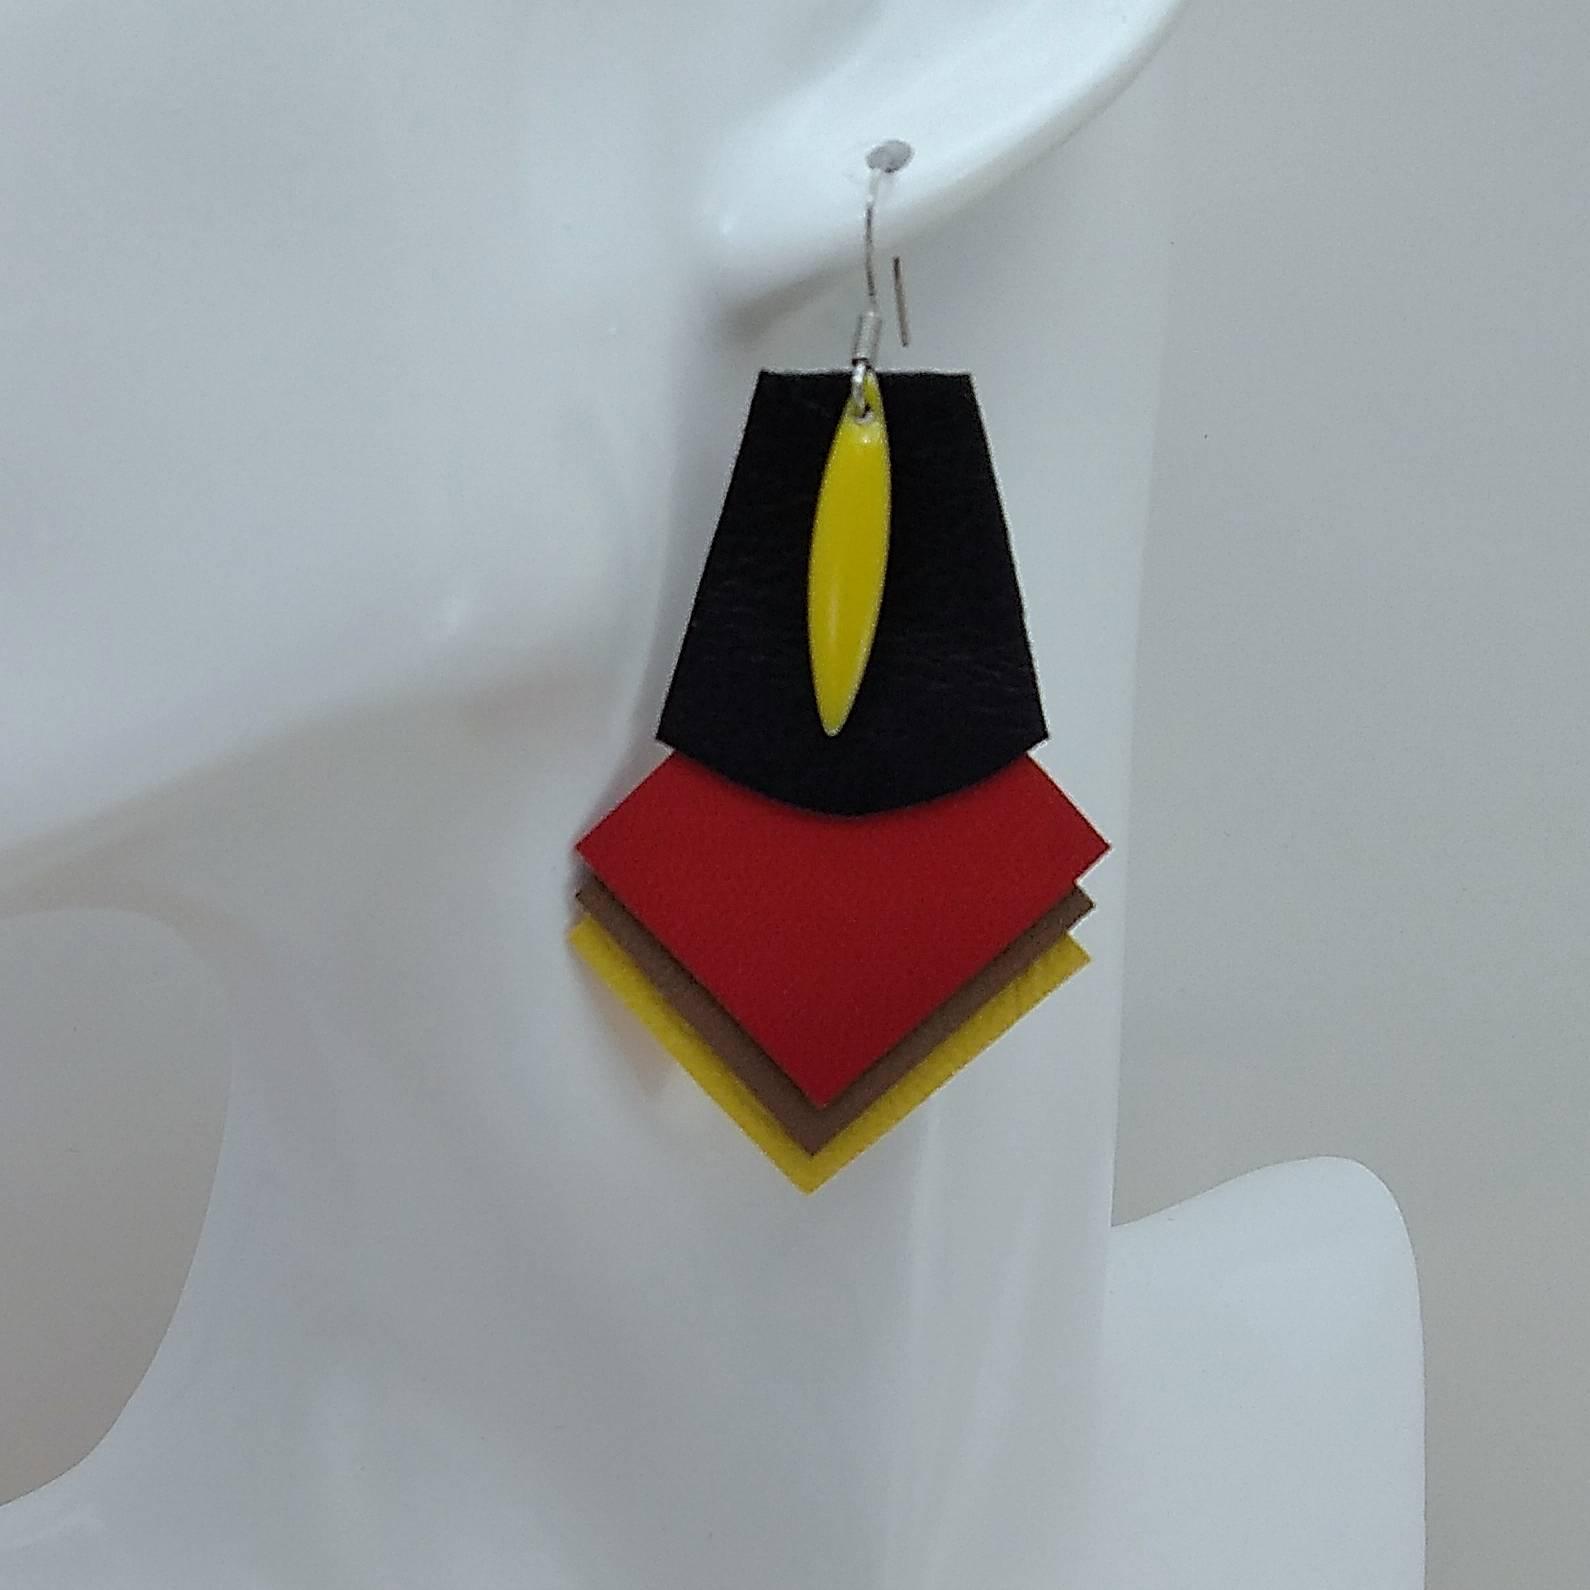 VENDUES ! B.O. FORMIDABLE modèle 1 Breloque navette jaune et cuir noir/rouge/sépia/jaune